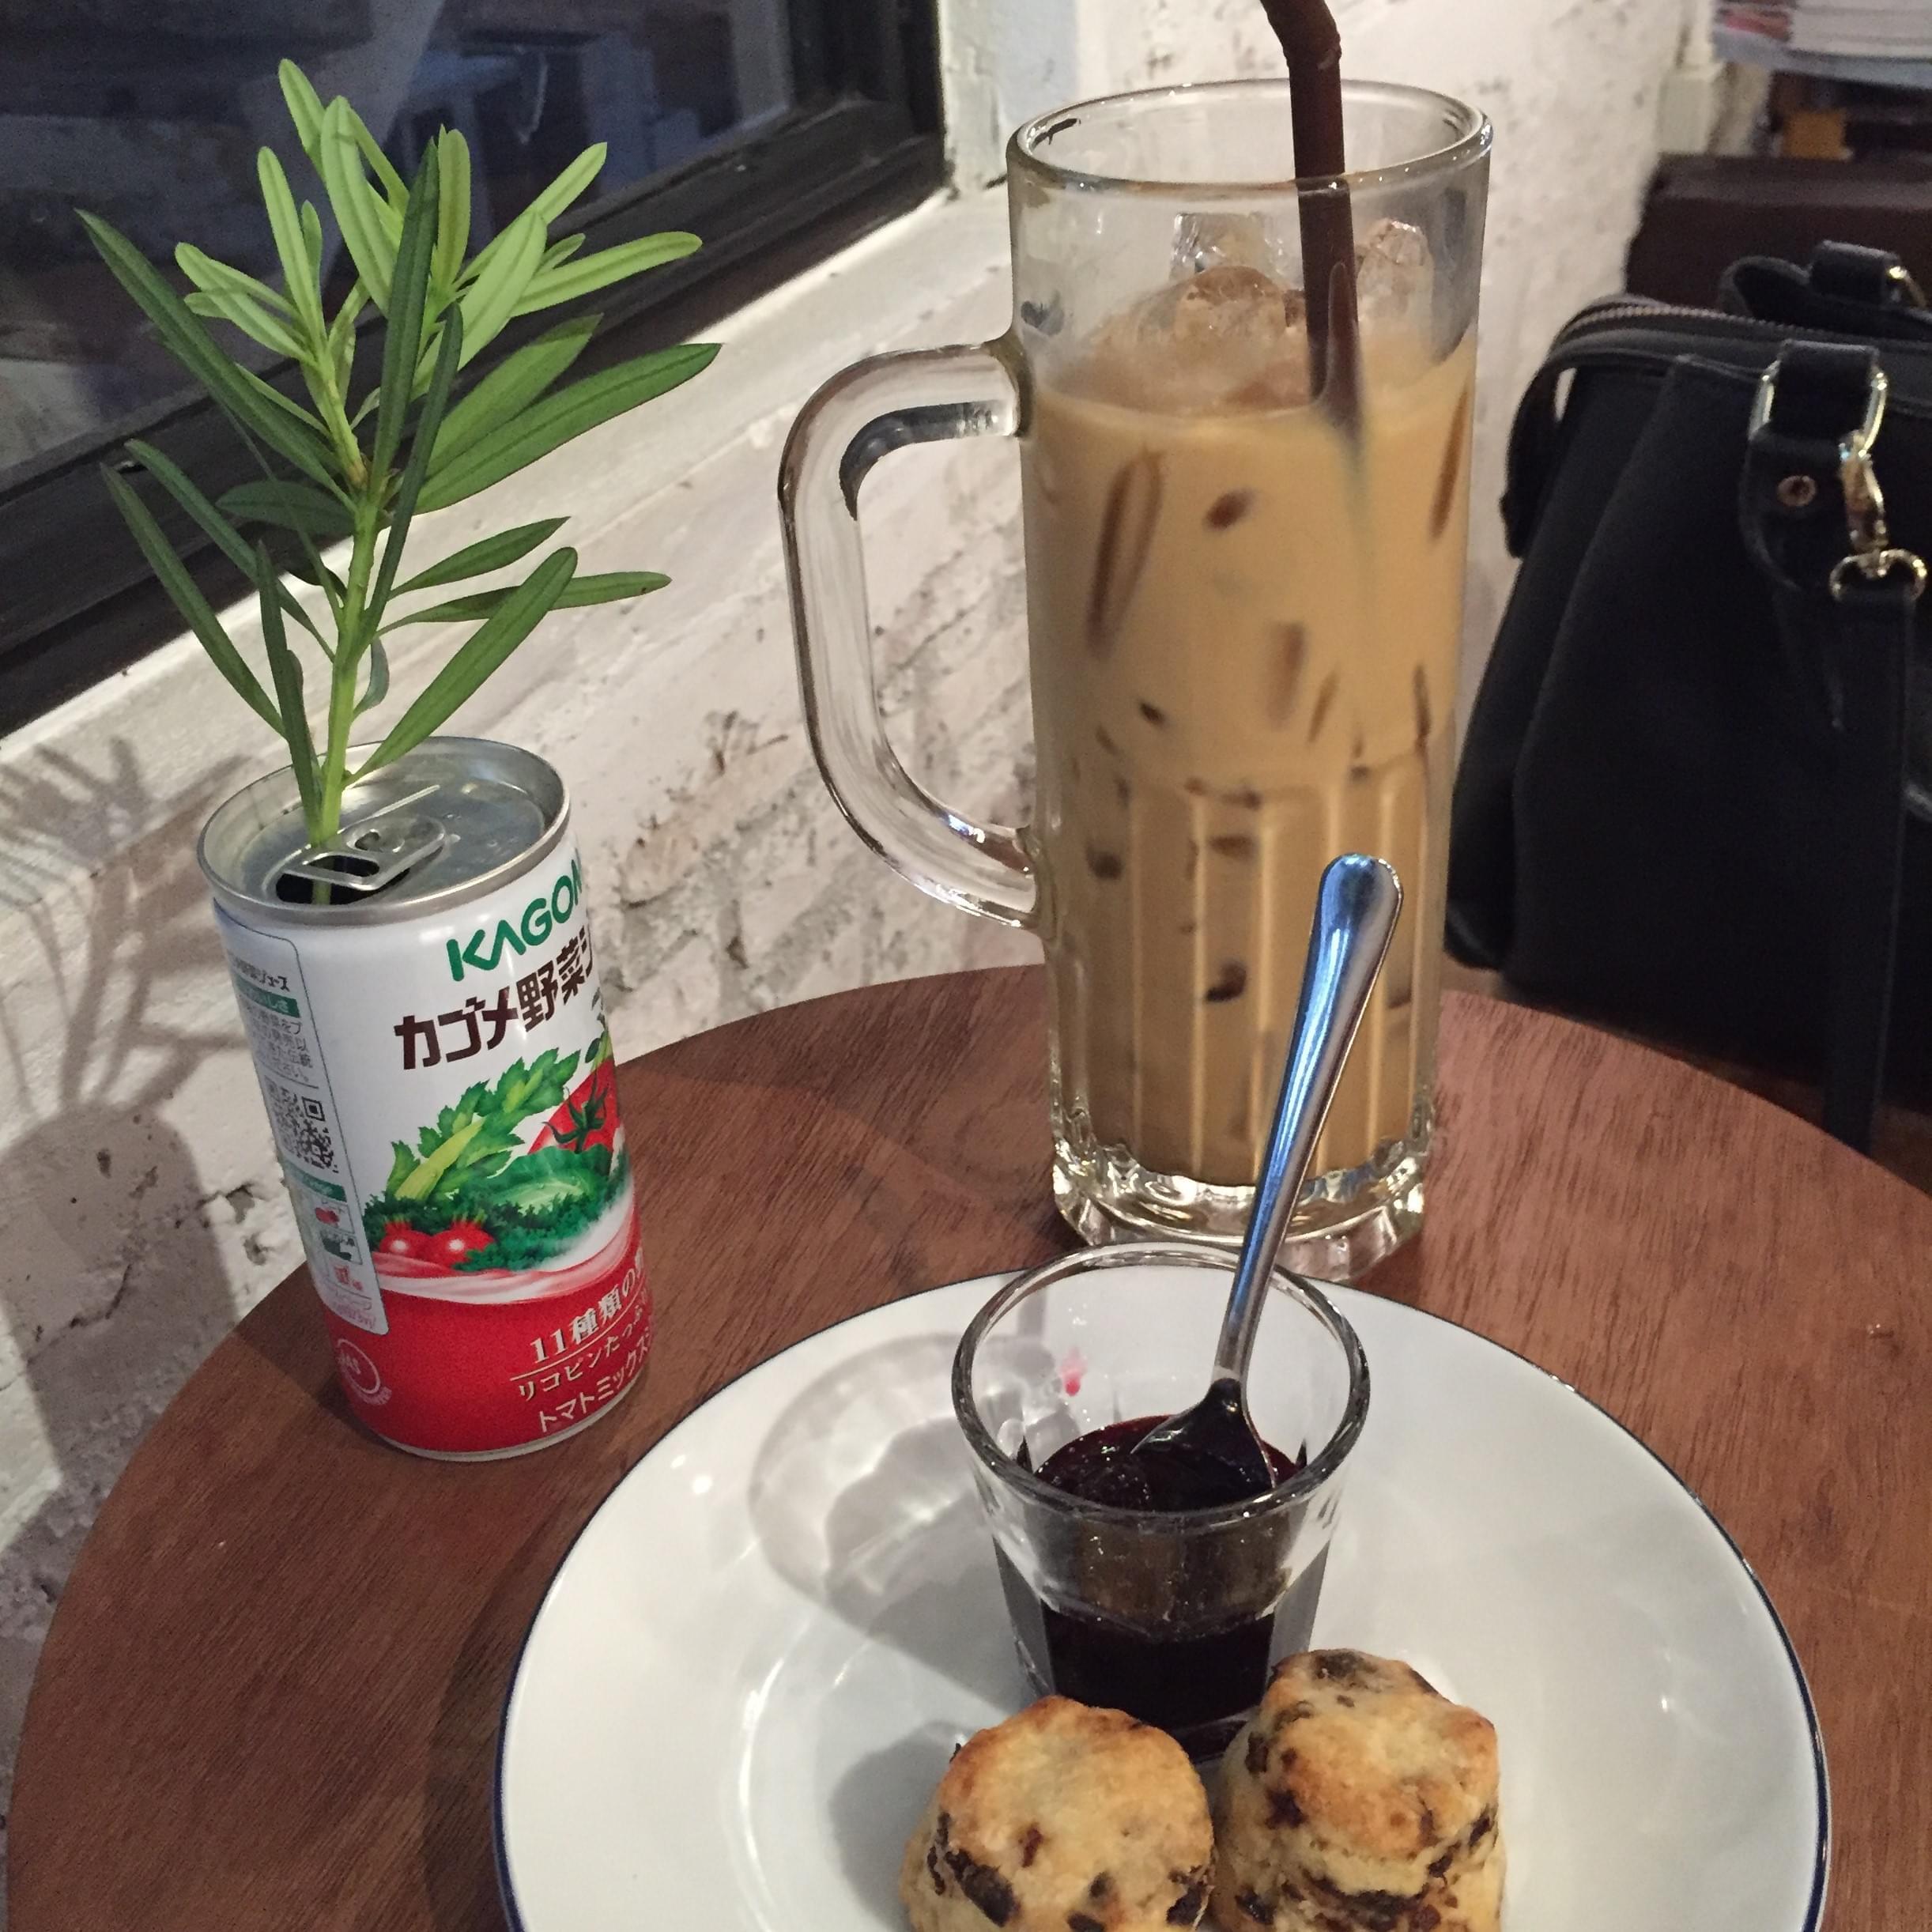 ちょっとひと休み。バンコクに行ったら寄りたいおしゃれカフェ5つ!